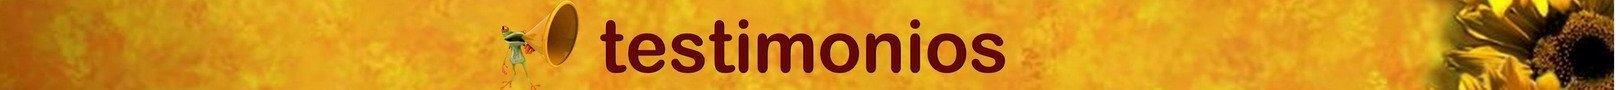 cabecera-seccion-testimonios-con-texto-español-1620x90